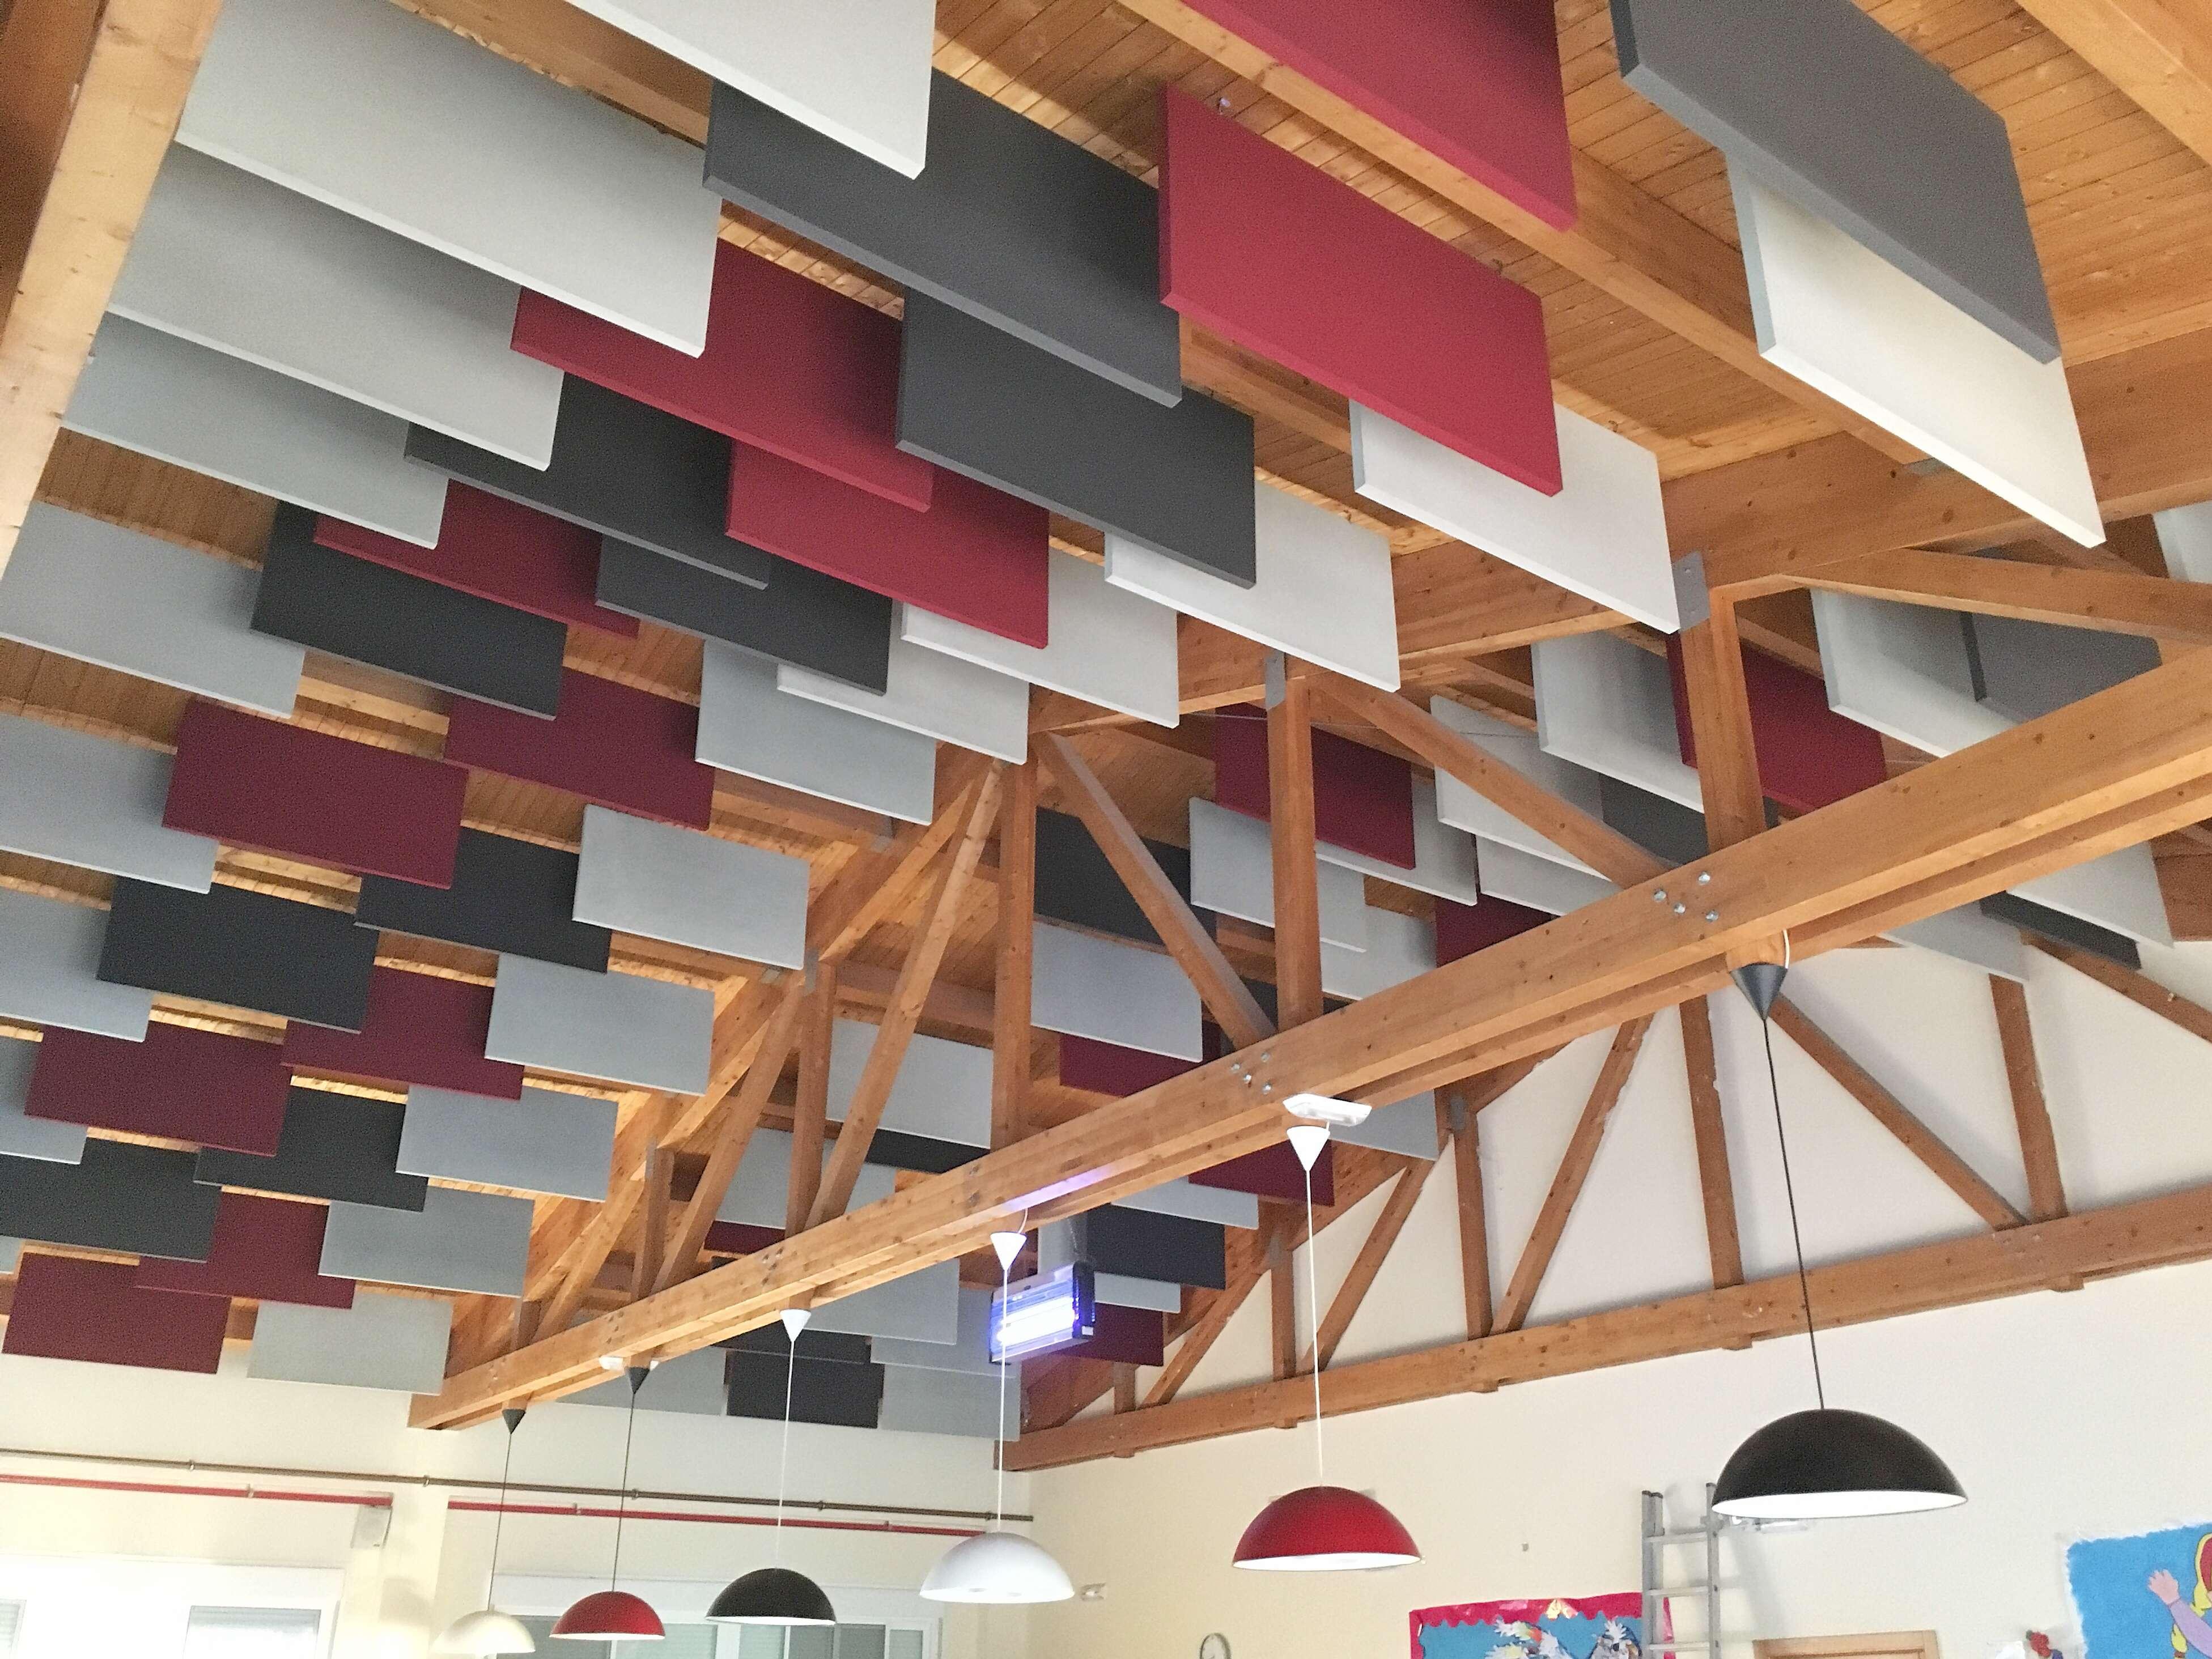 Baffles acusticos de colores colgados de un techo de maderad. Reducen el ruido en el comedor.